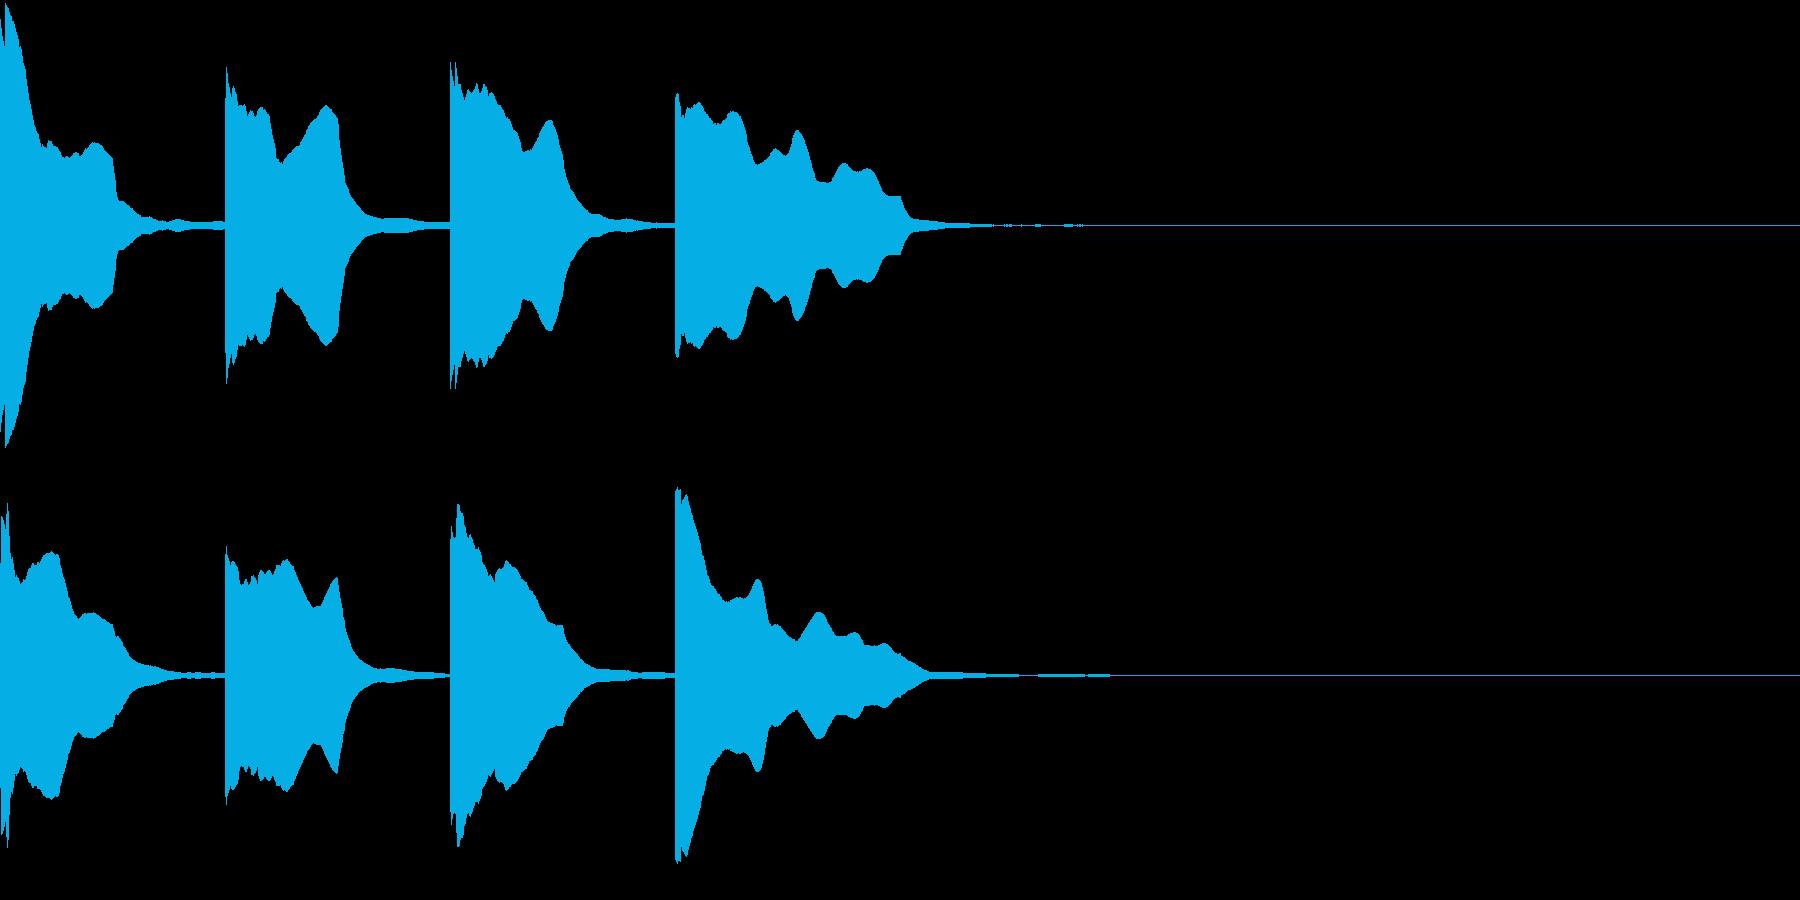 レーススタート合図6 カウントダウンの再生済みの波形